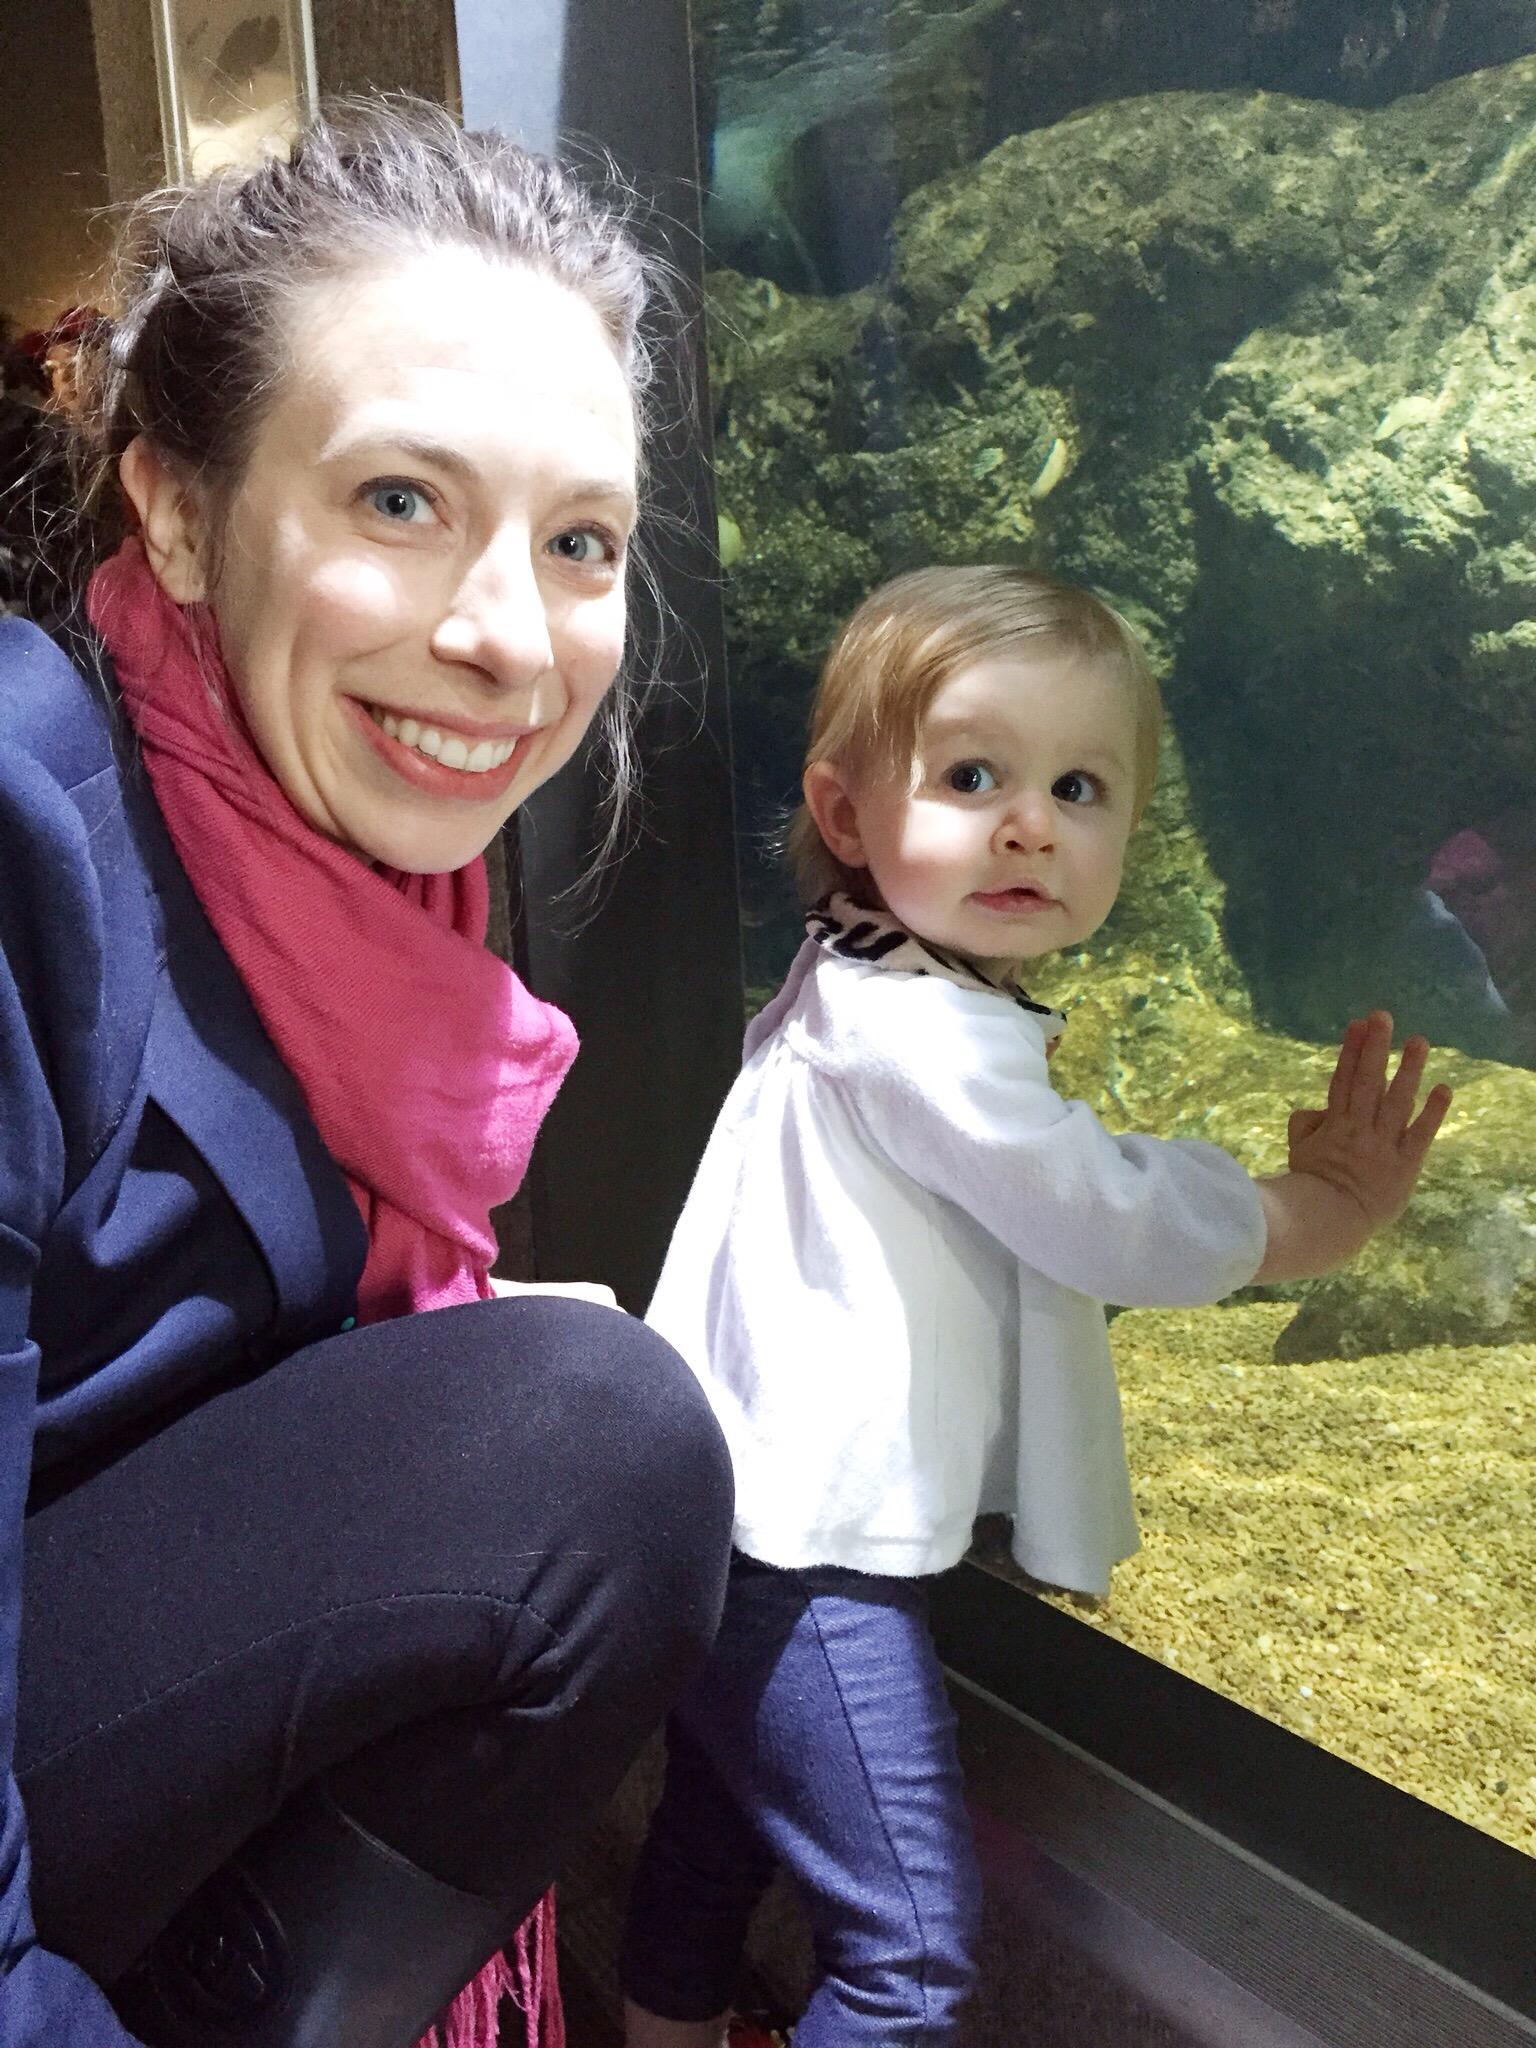 Visiting the Aquarium on Cup of Tea